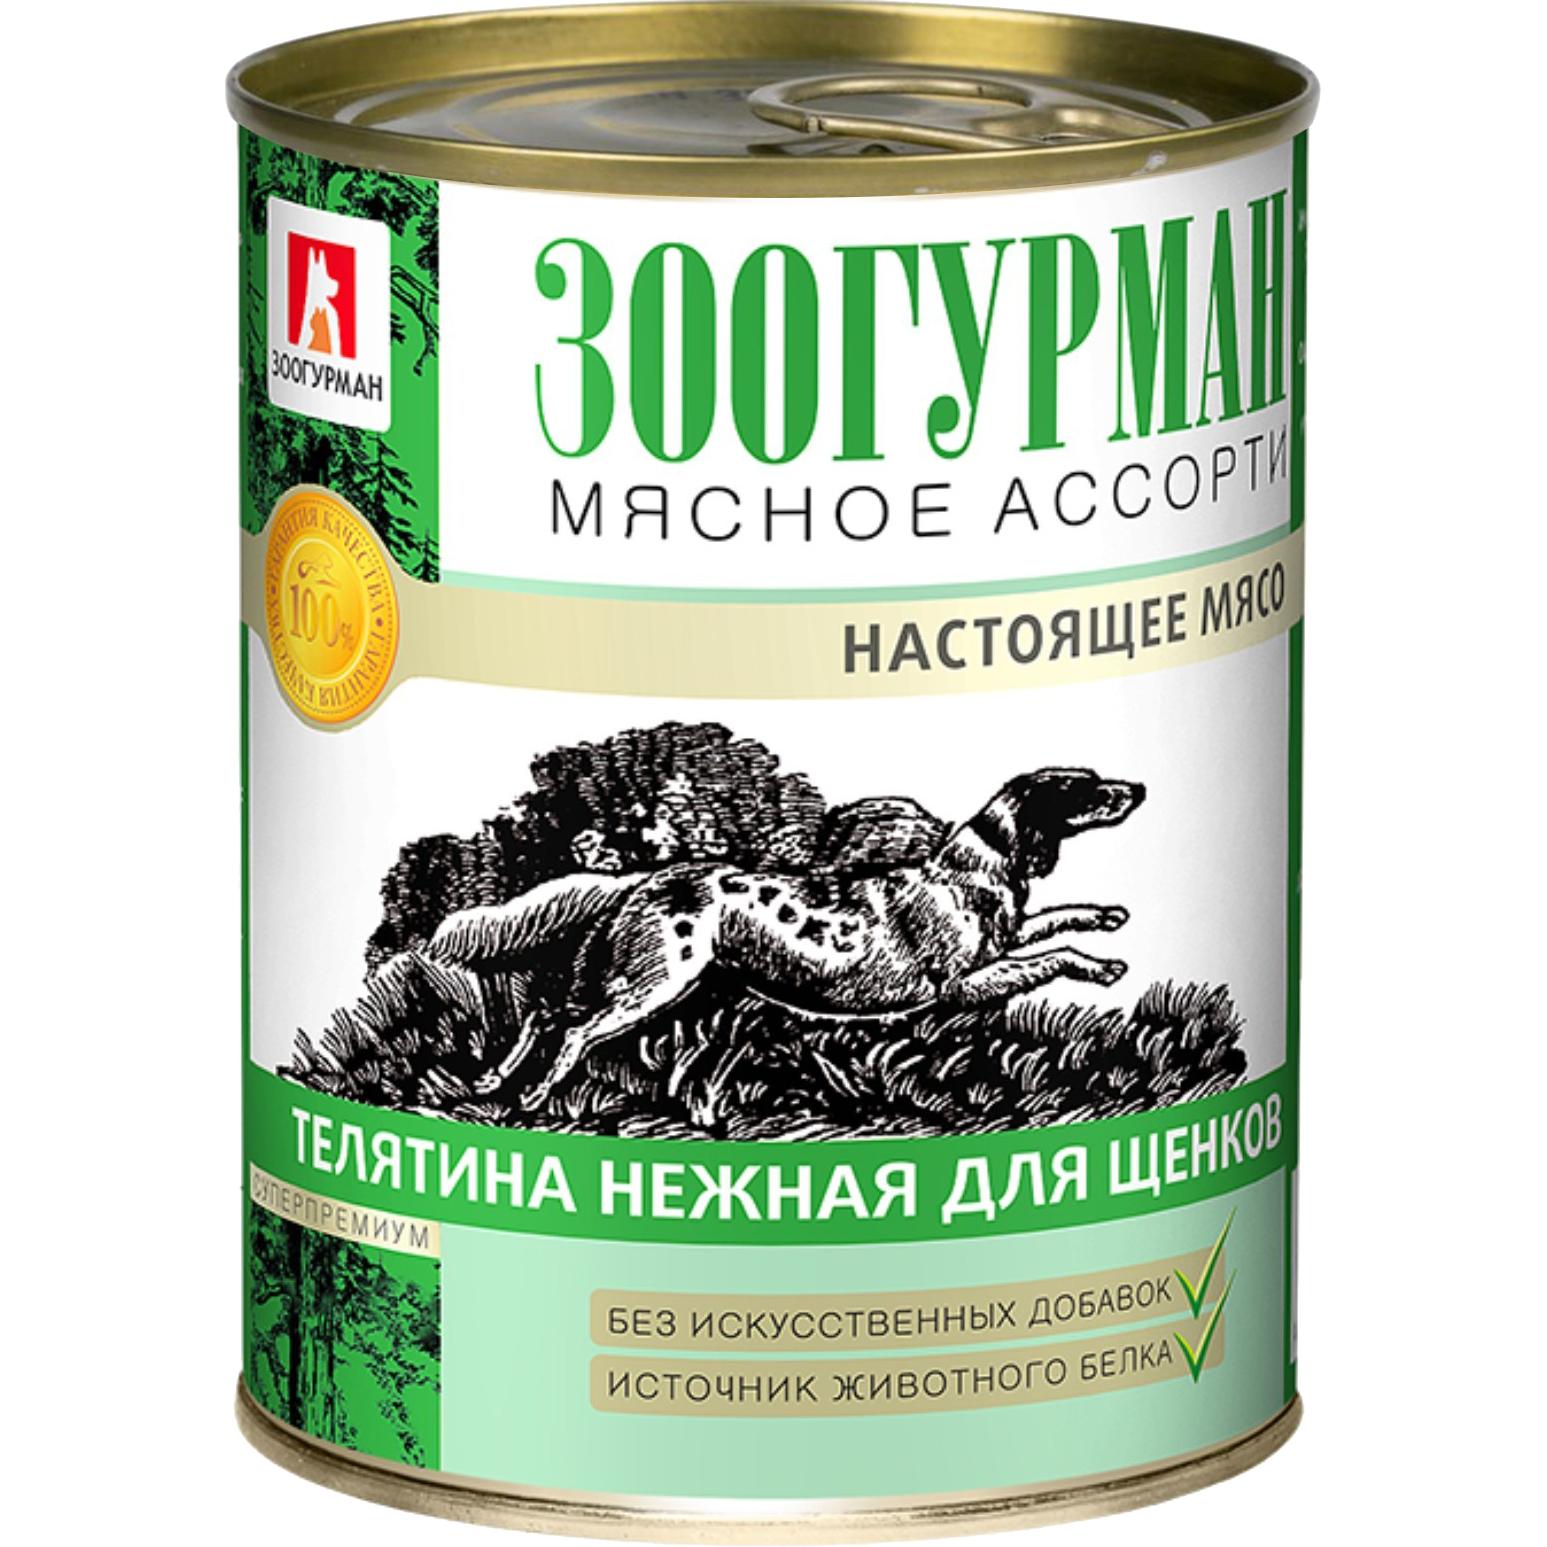 Корм для щенков Зоогурман Мясное ассорти Телятина нежная 350 г.